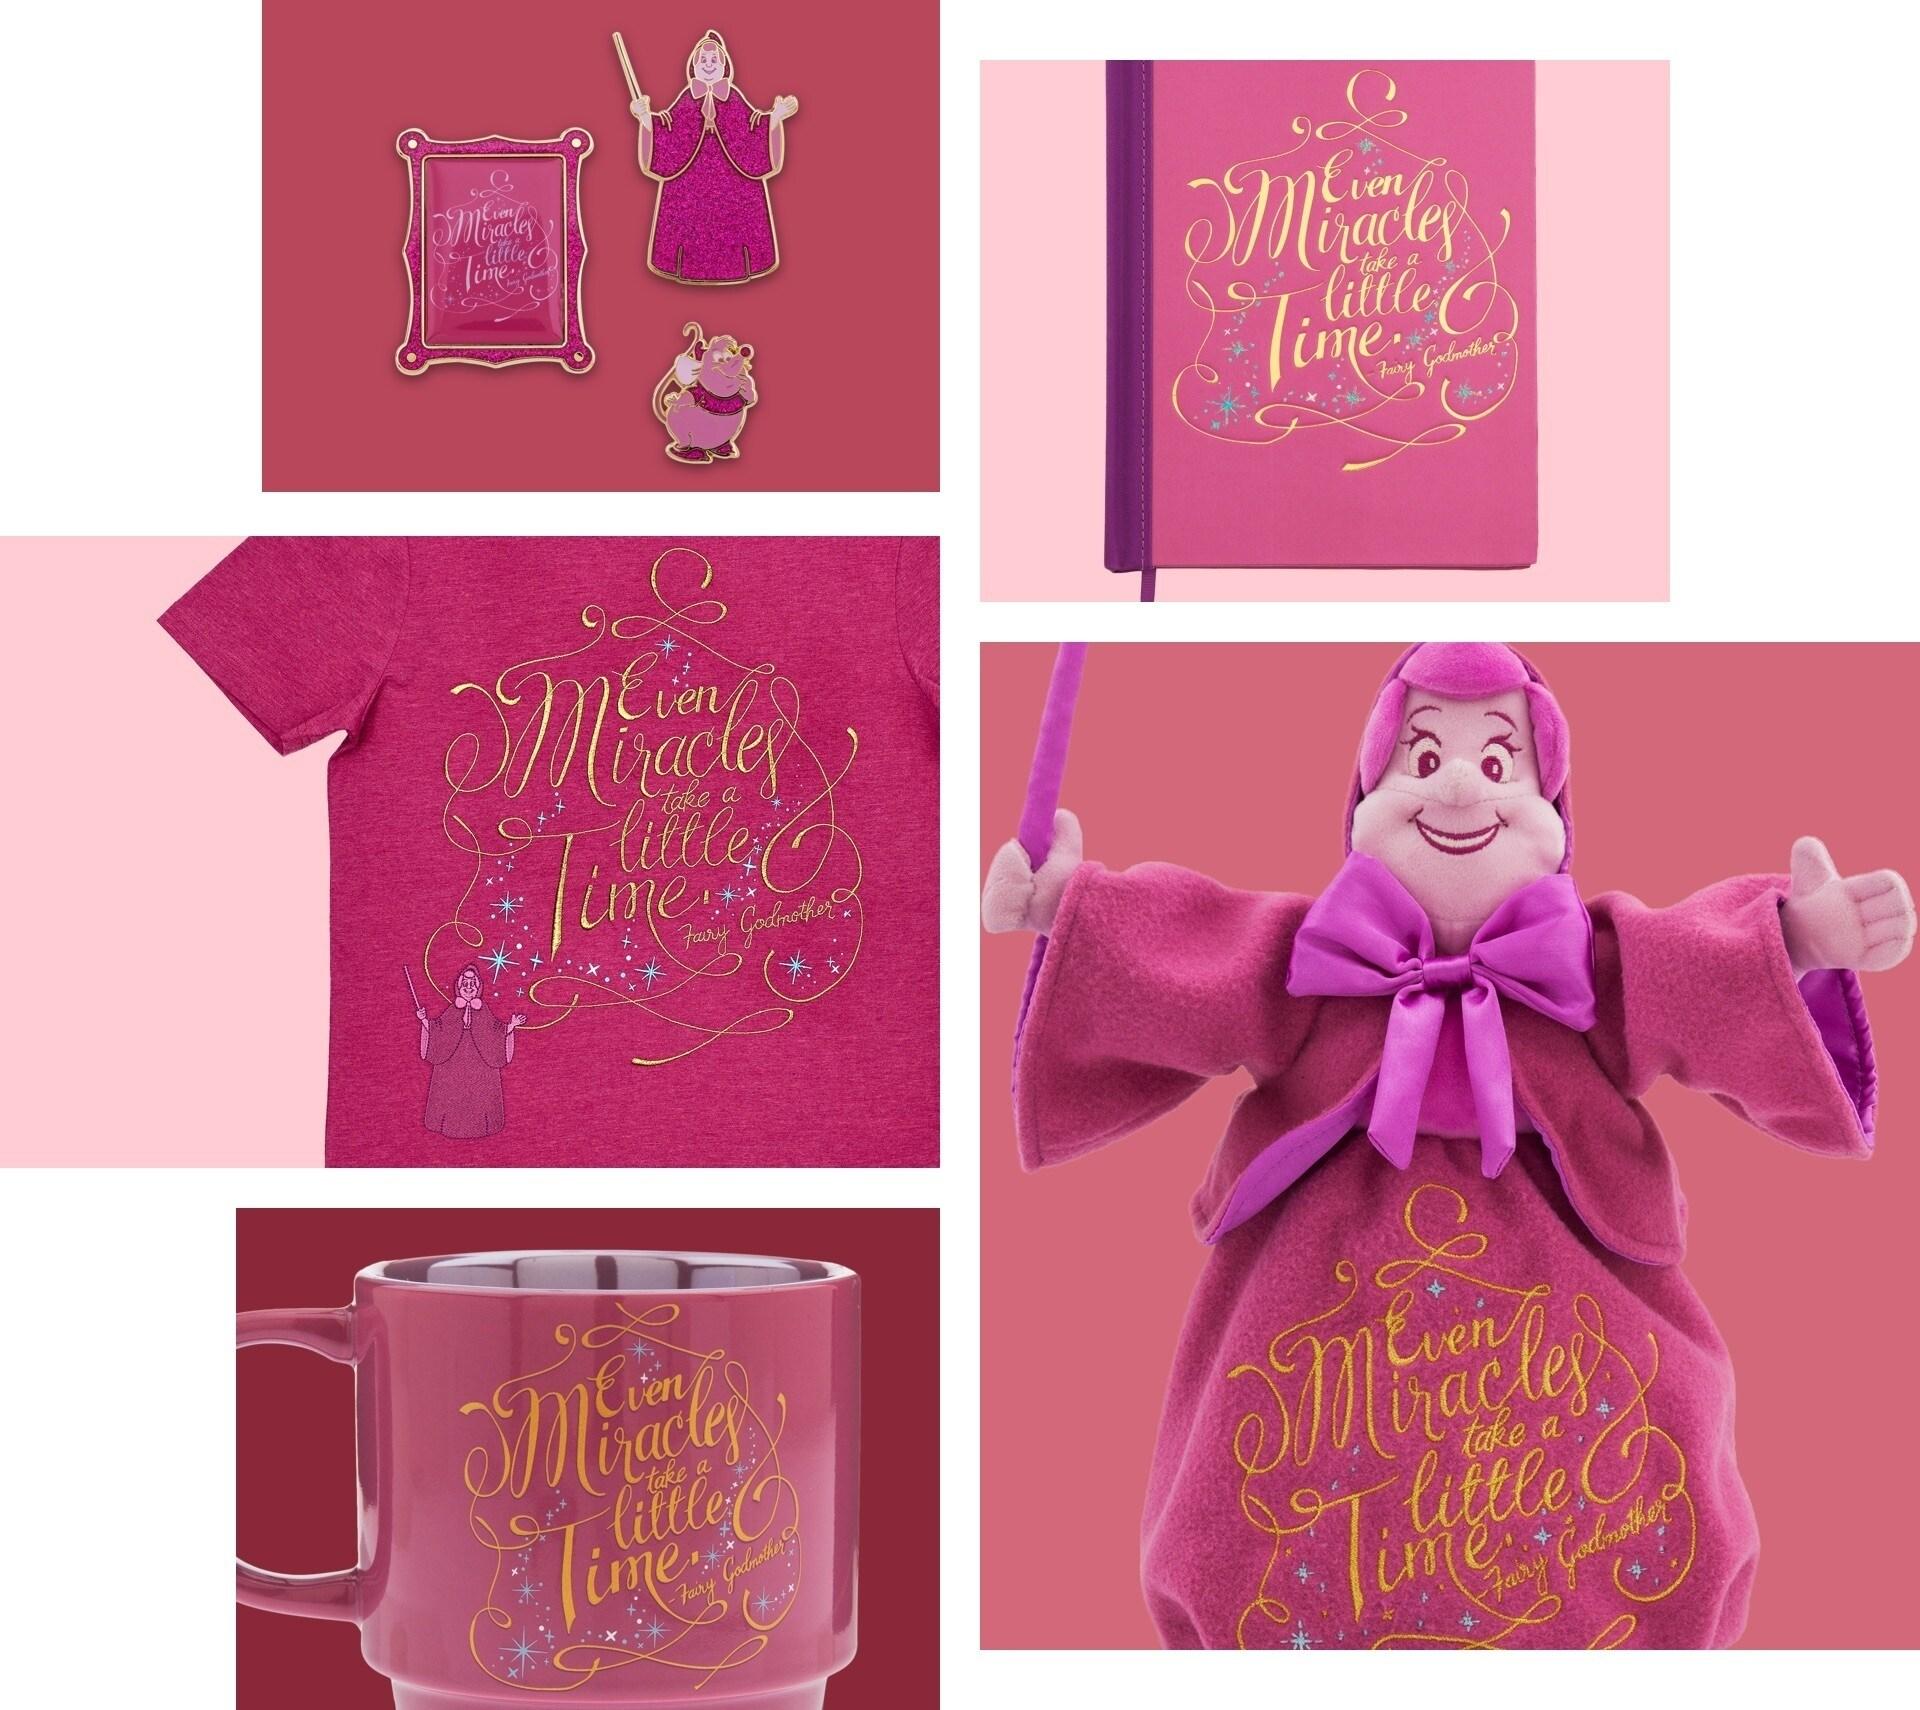 Peluche, cahier, broche et tasse inspirés du Marraine La Bonne Fée